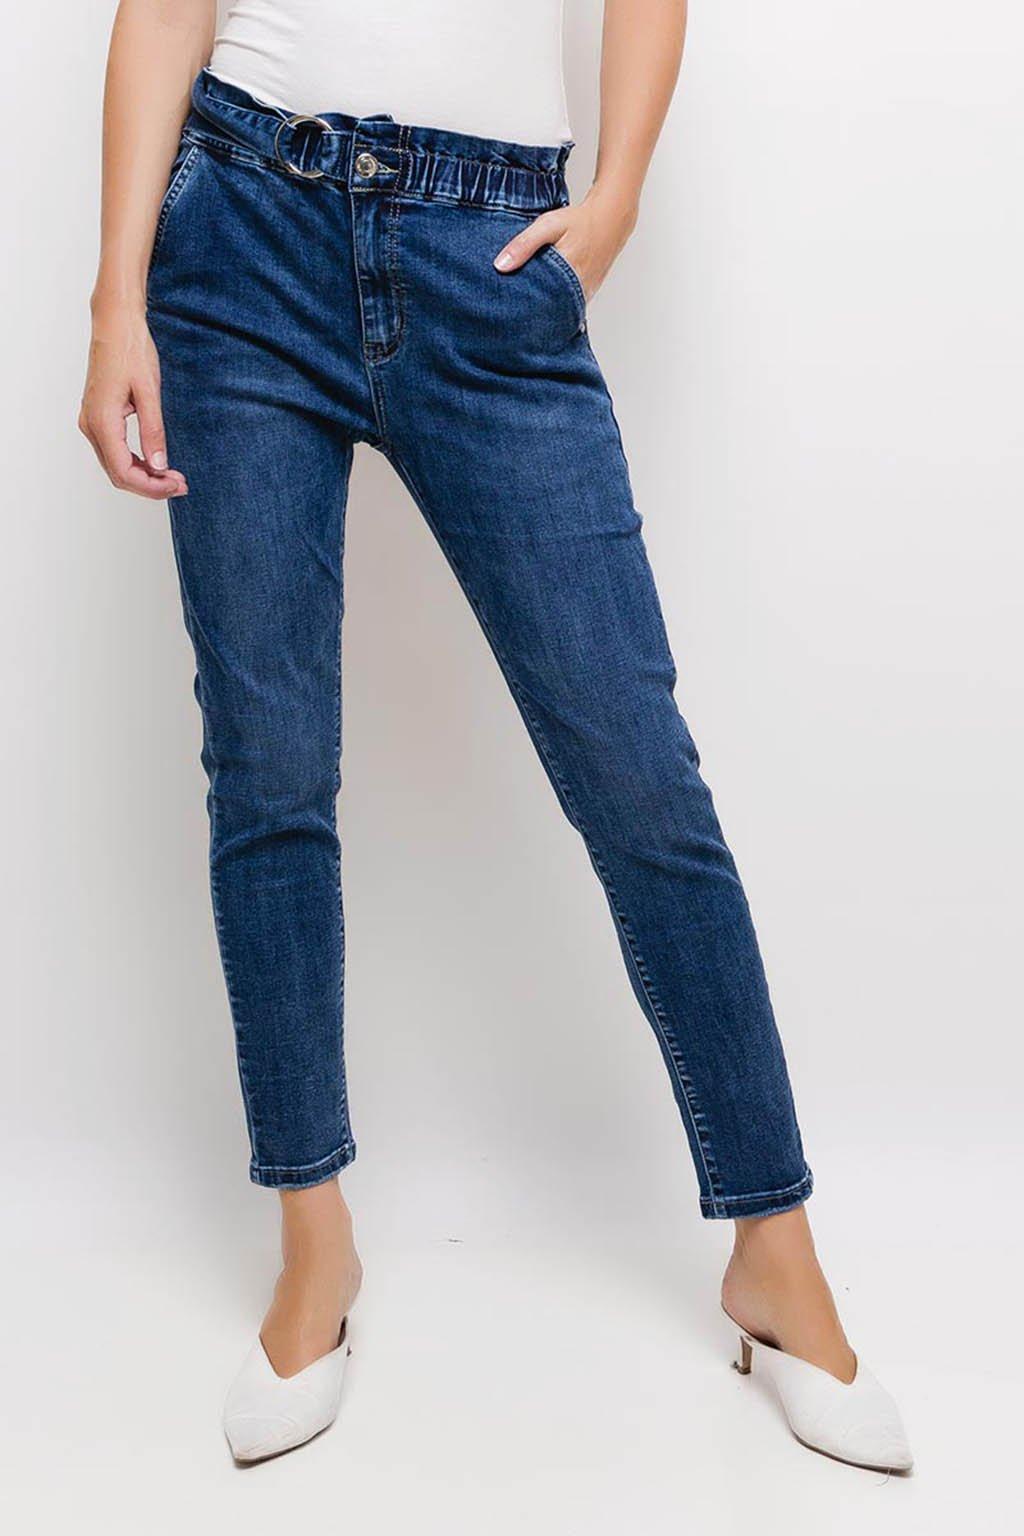 Modré dámské džíny s gumou v pase